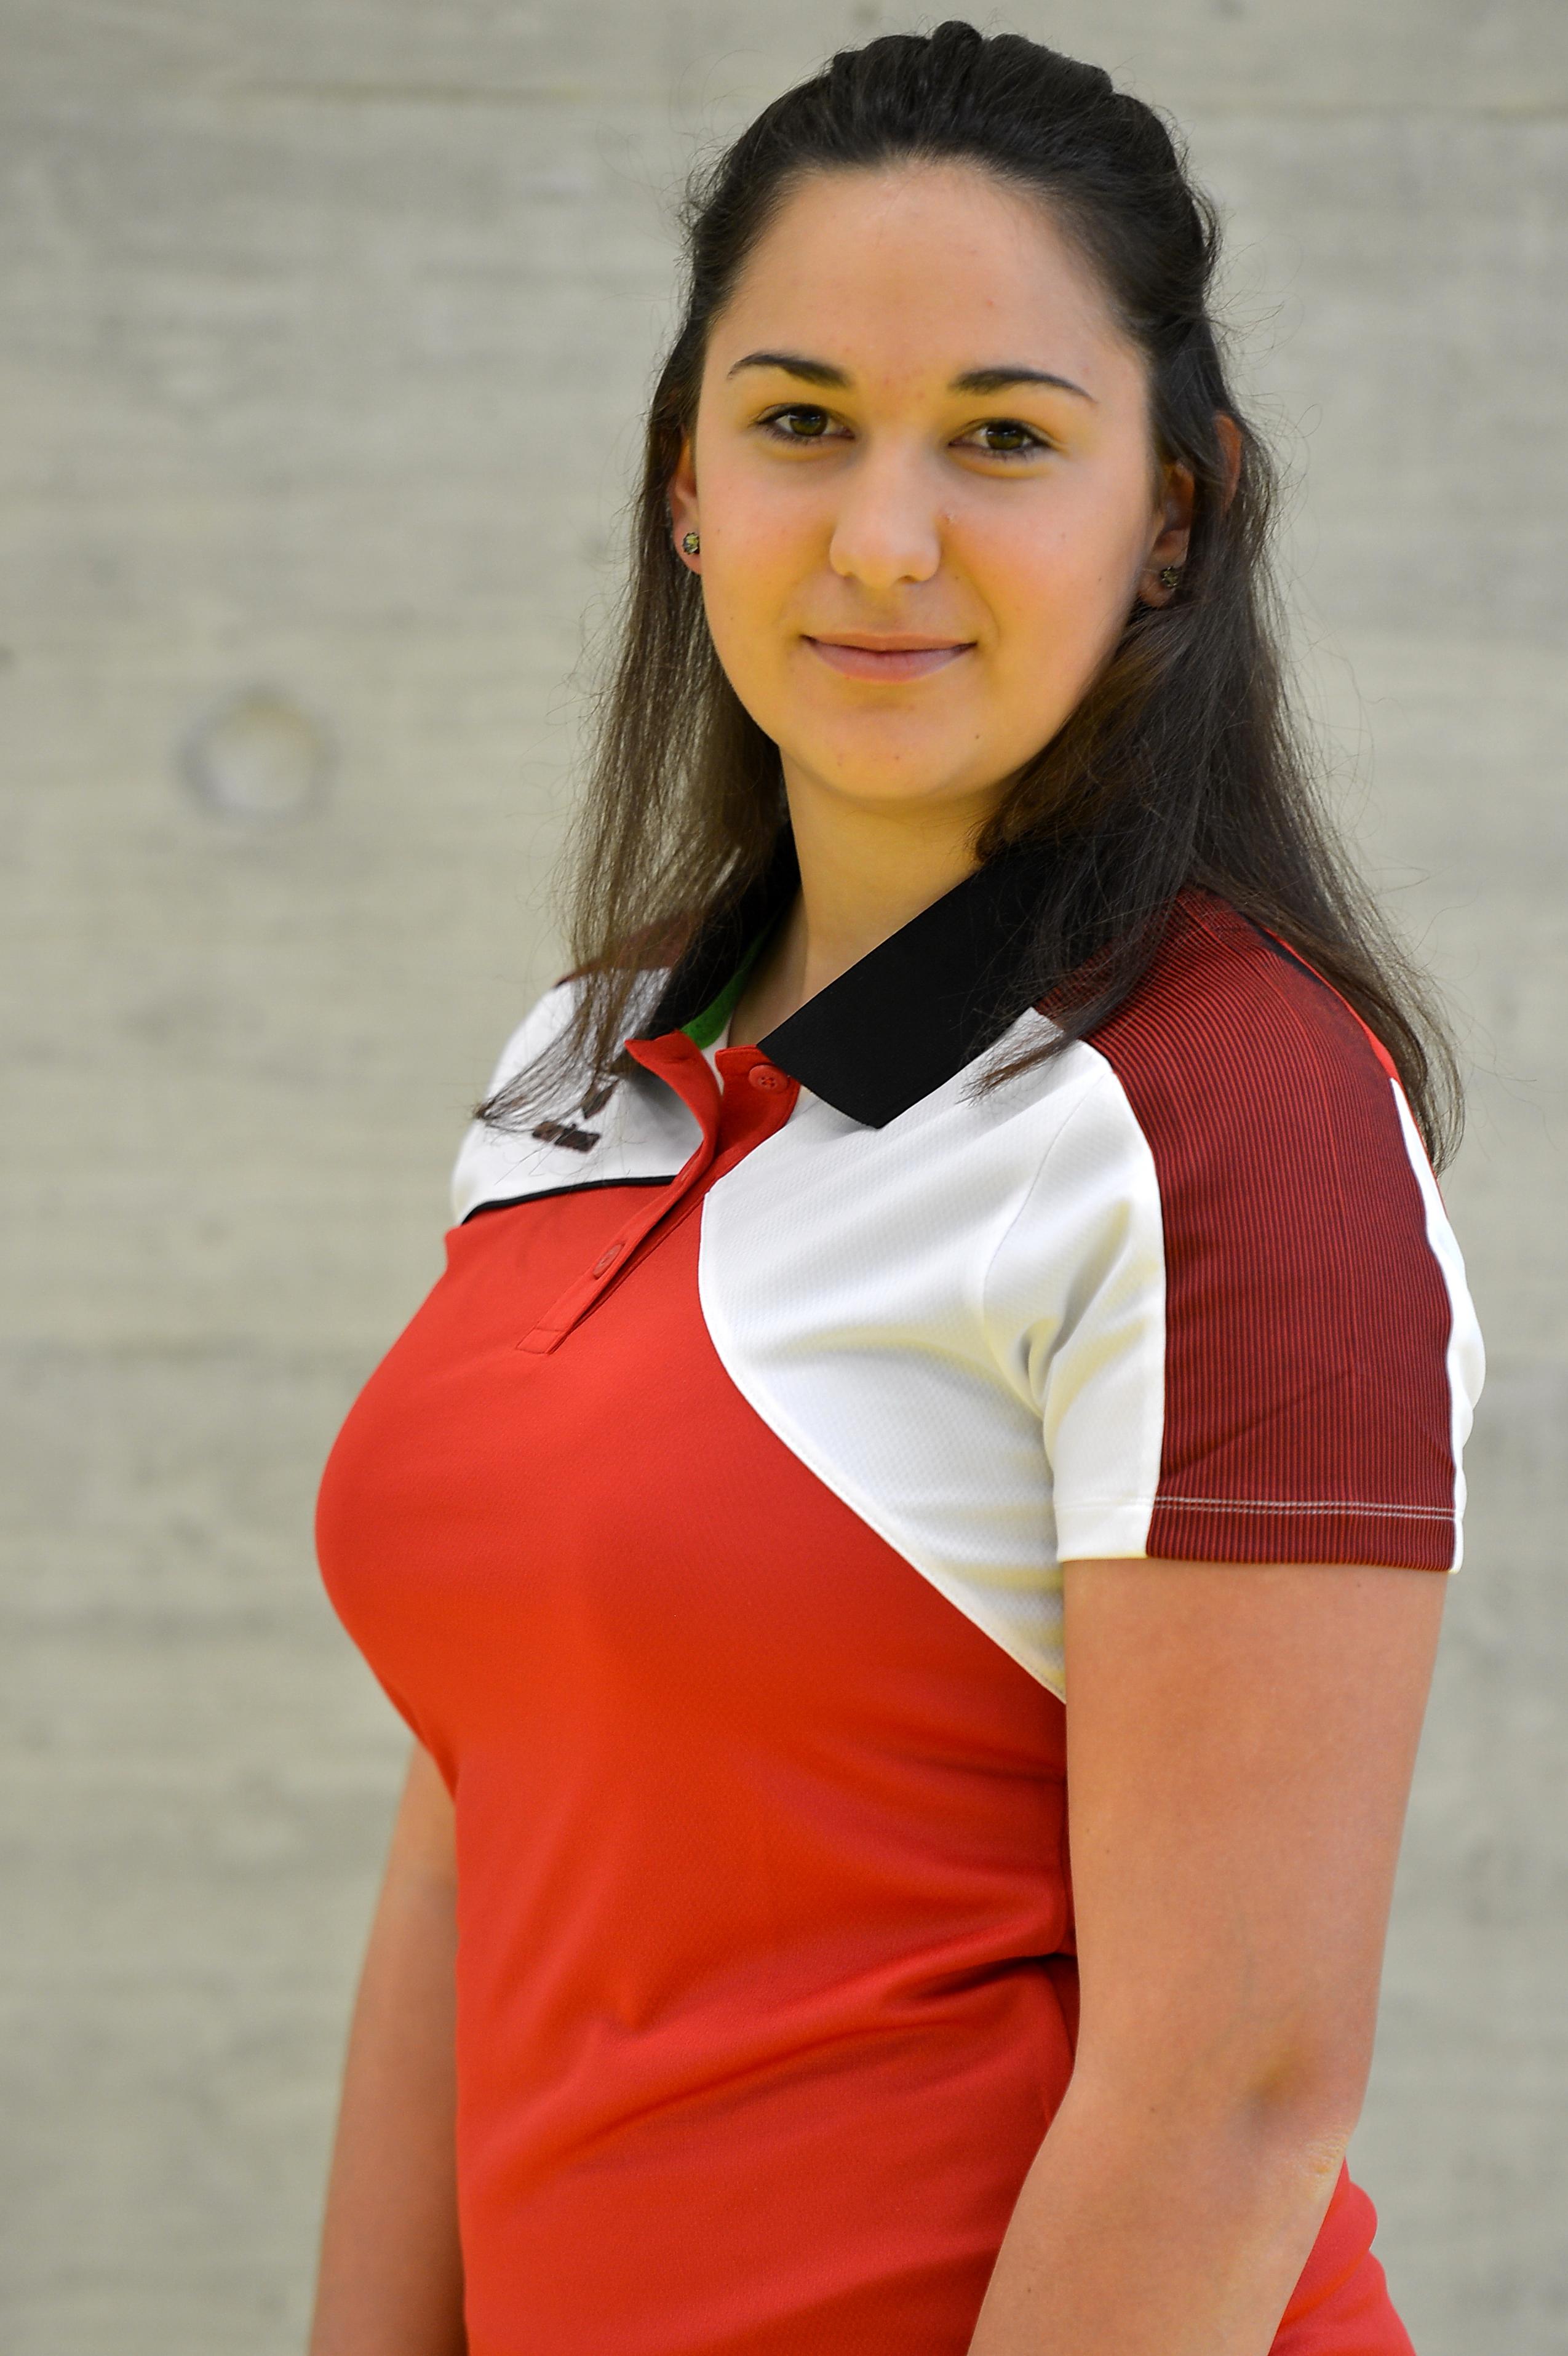 Janine Villiger